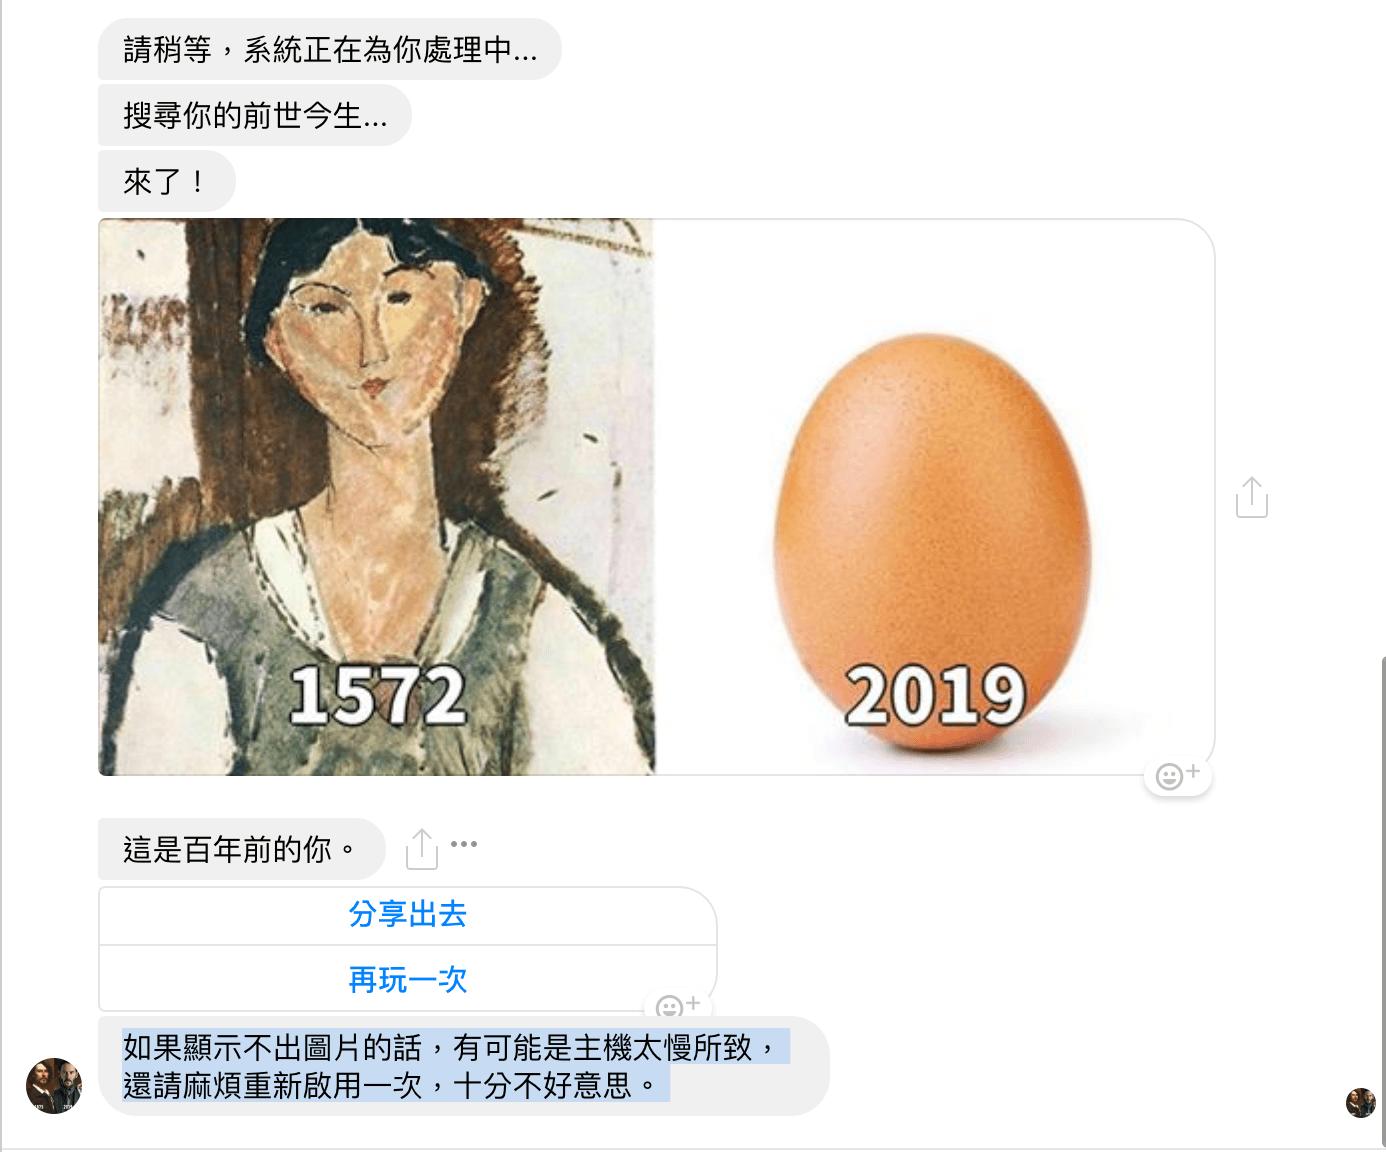 先別管什麼十年挑戰了,這個 Chatbot 讓你看看幾百年前的自己